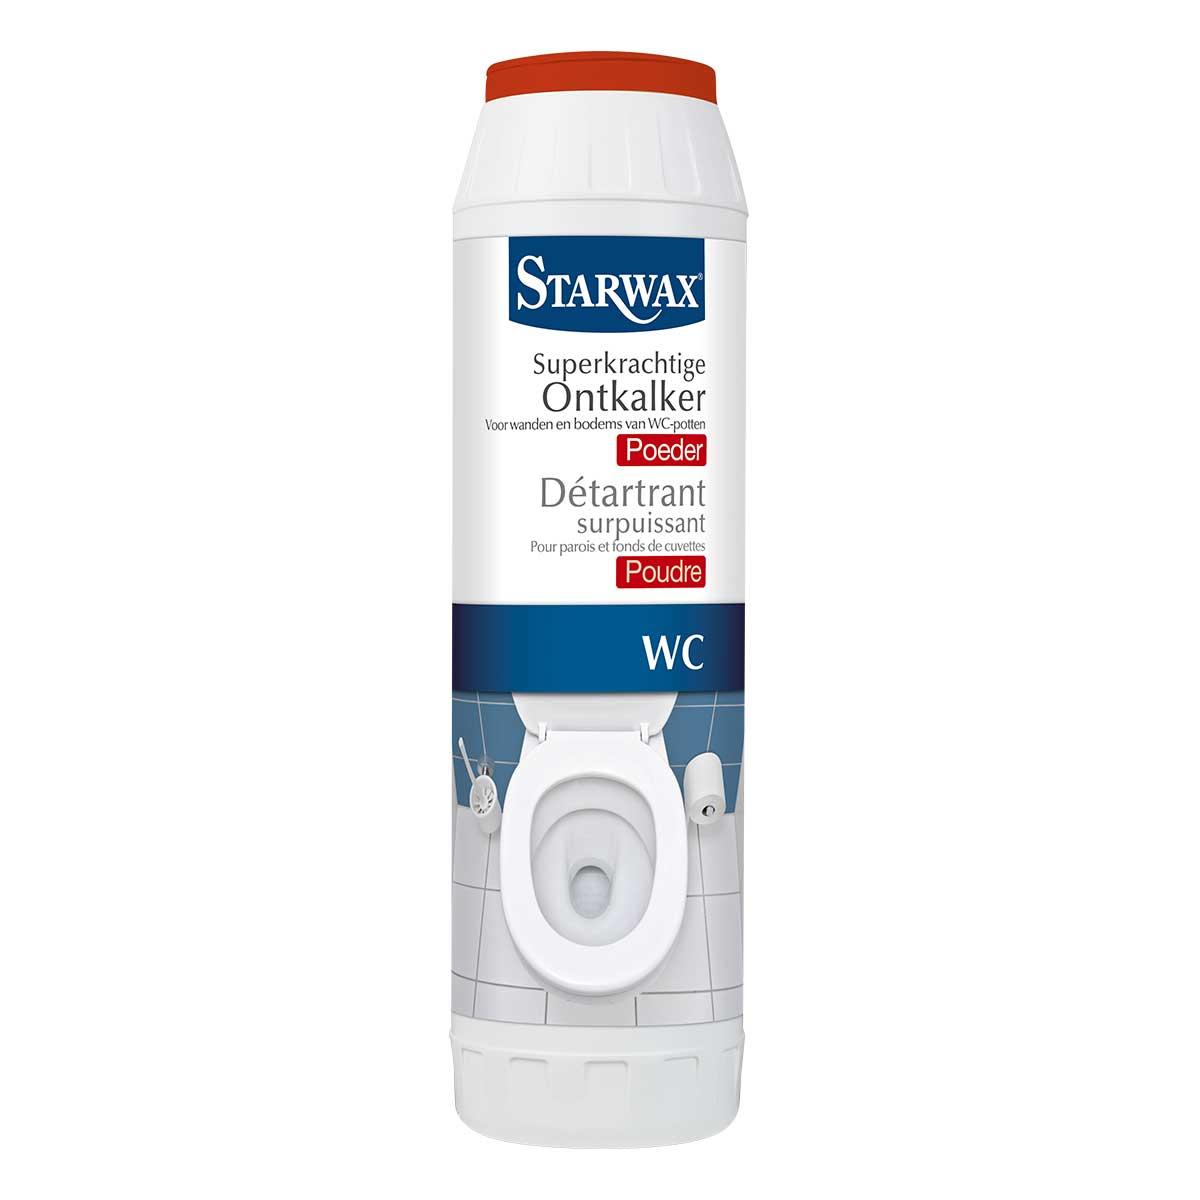 Détartrant surpuissant poudre pour WC - Starwax